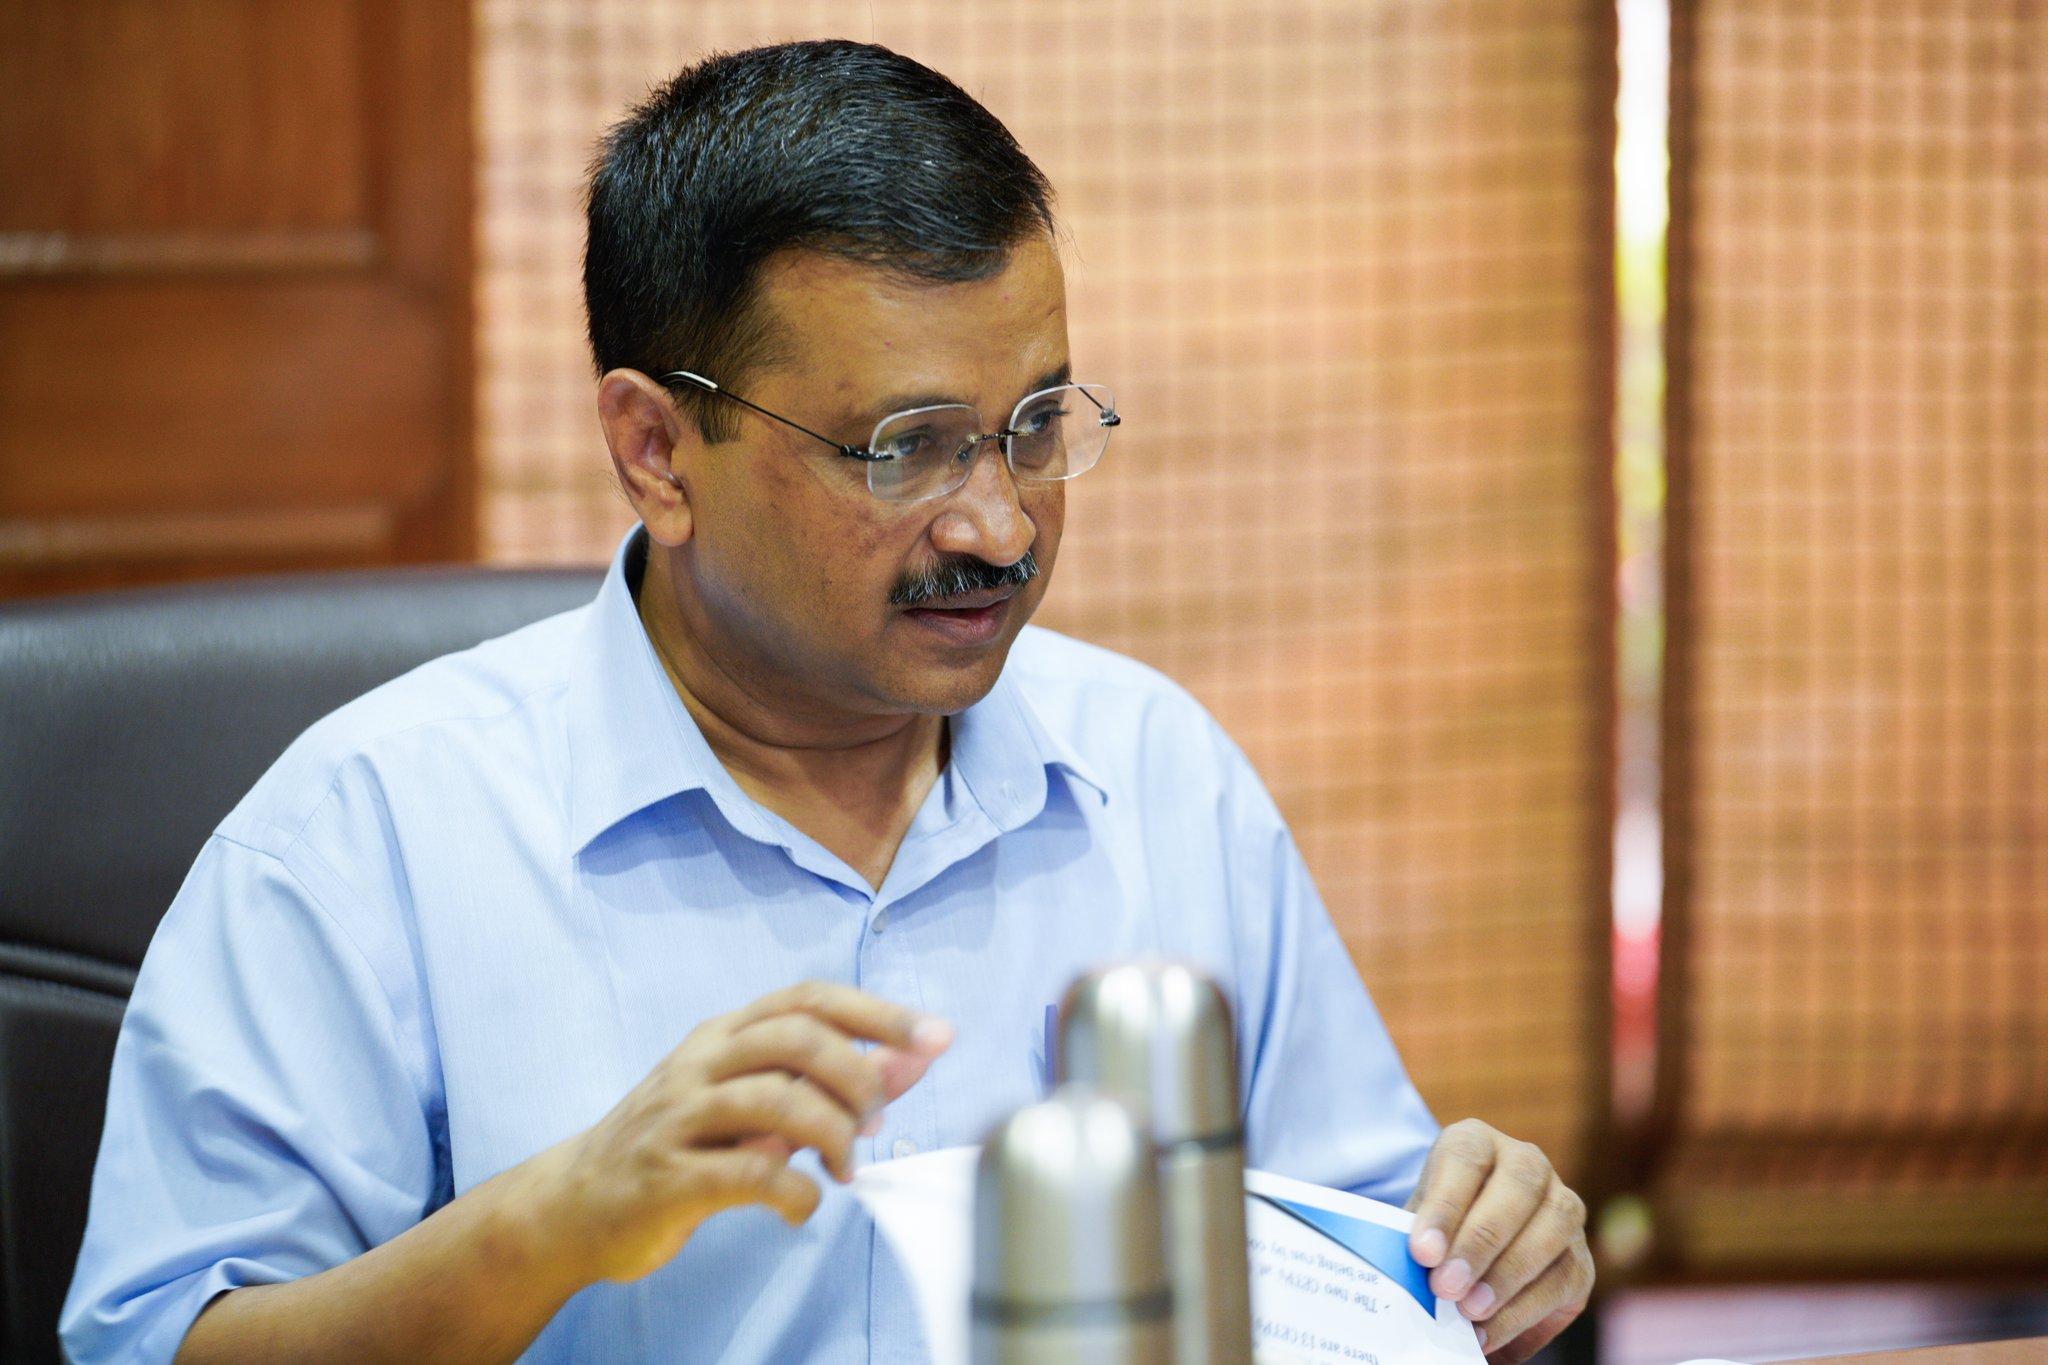 दिल्ली में लगा नाइट कर्फ्यू, रात 10 बजे से सुबह 5 बजे तक रहेंगी पाबंदियां